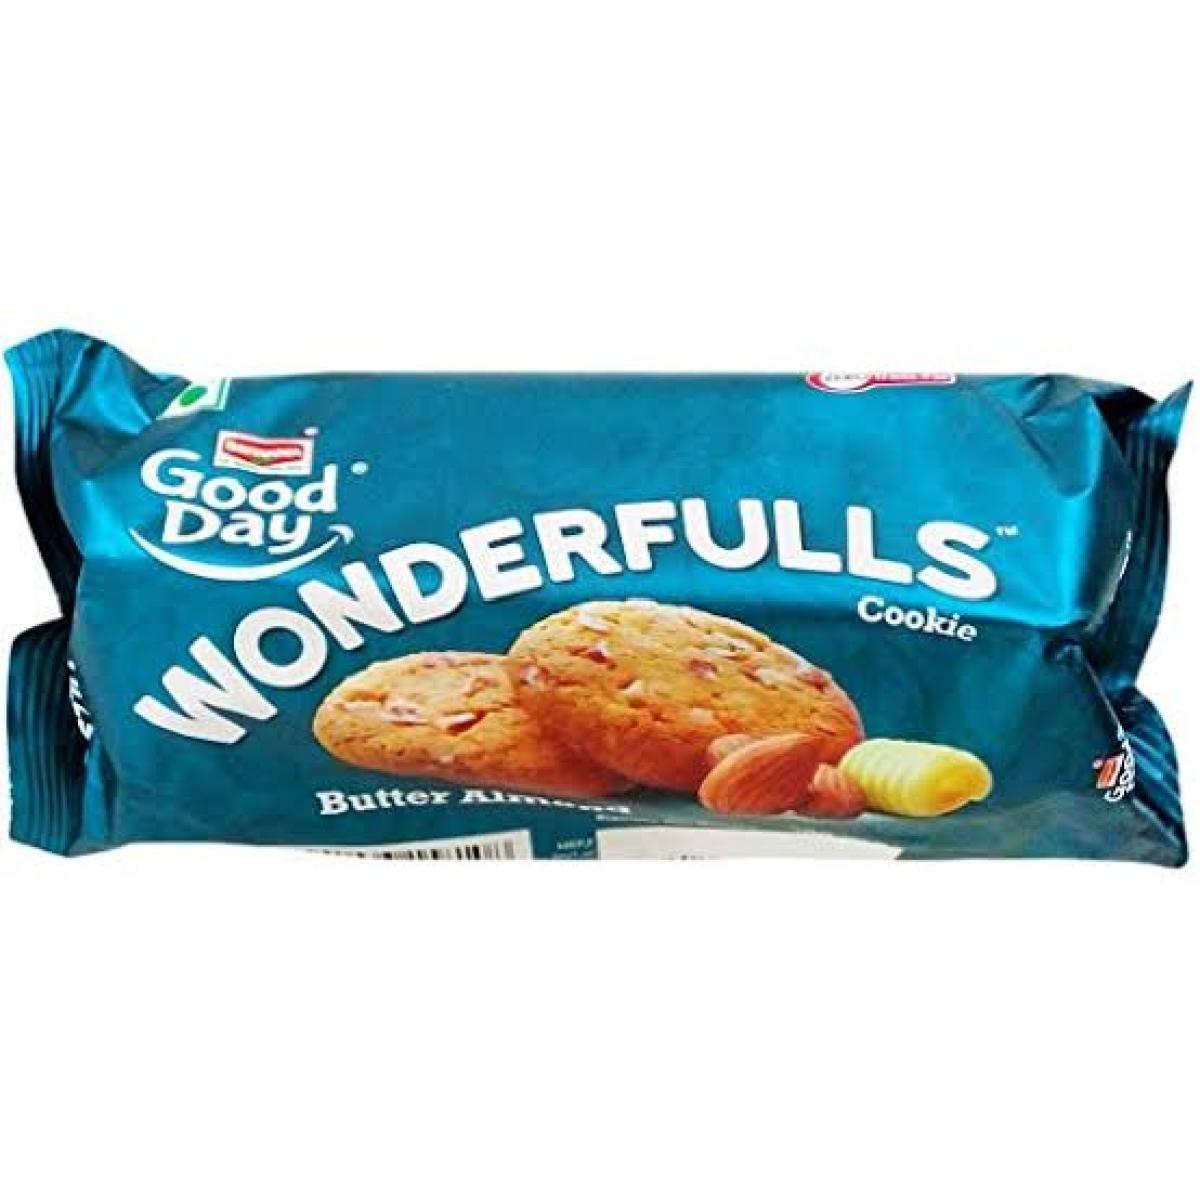 Good Day Wonderfulls Butter Almond